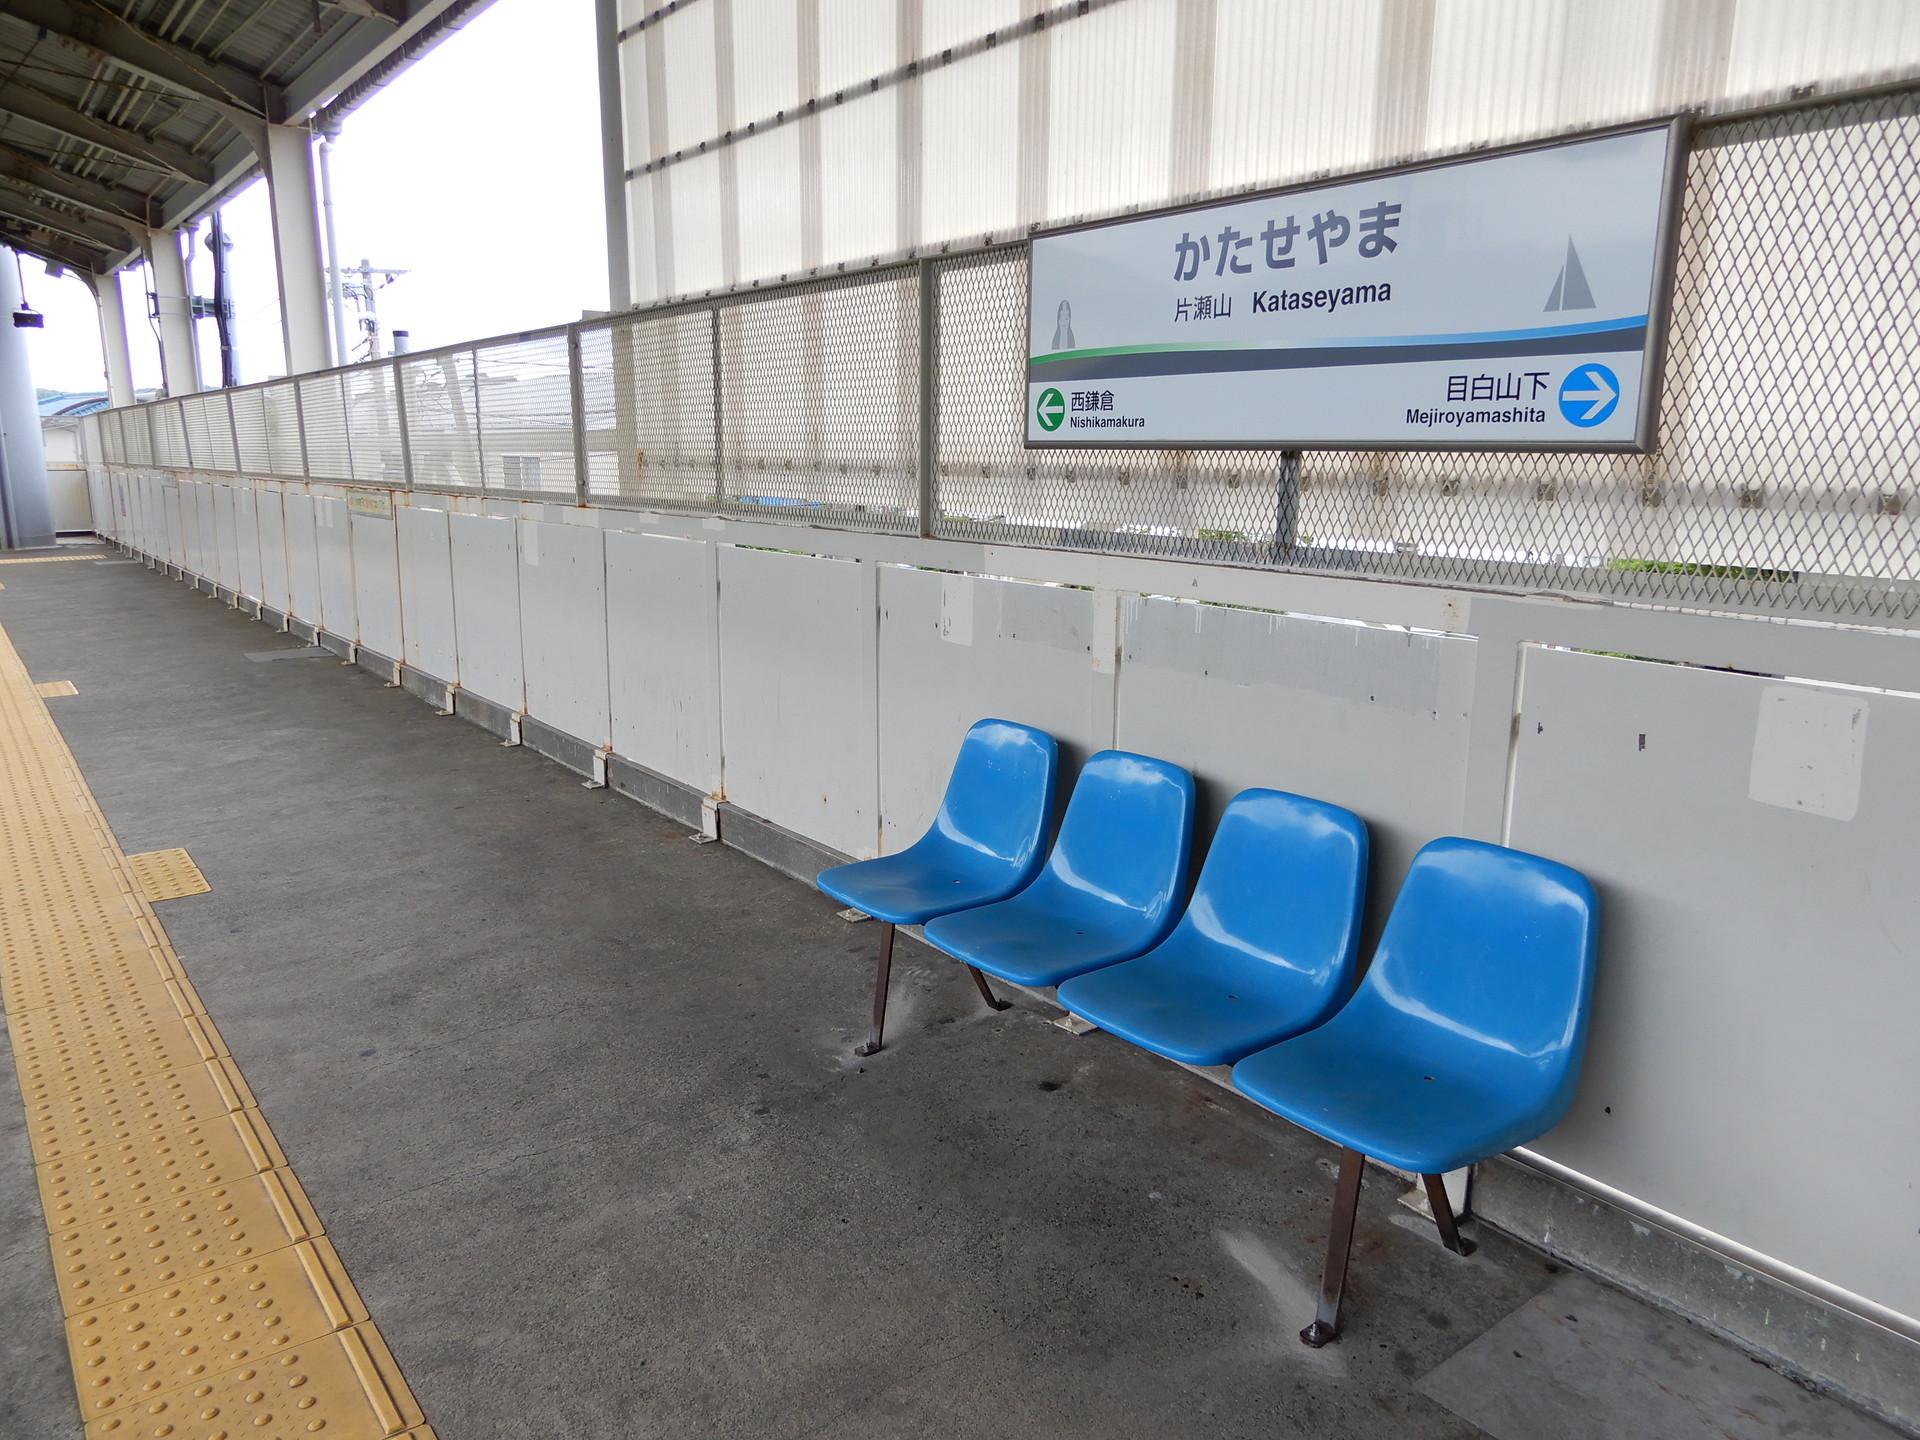 片瀬山駅のベンチ